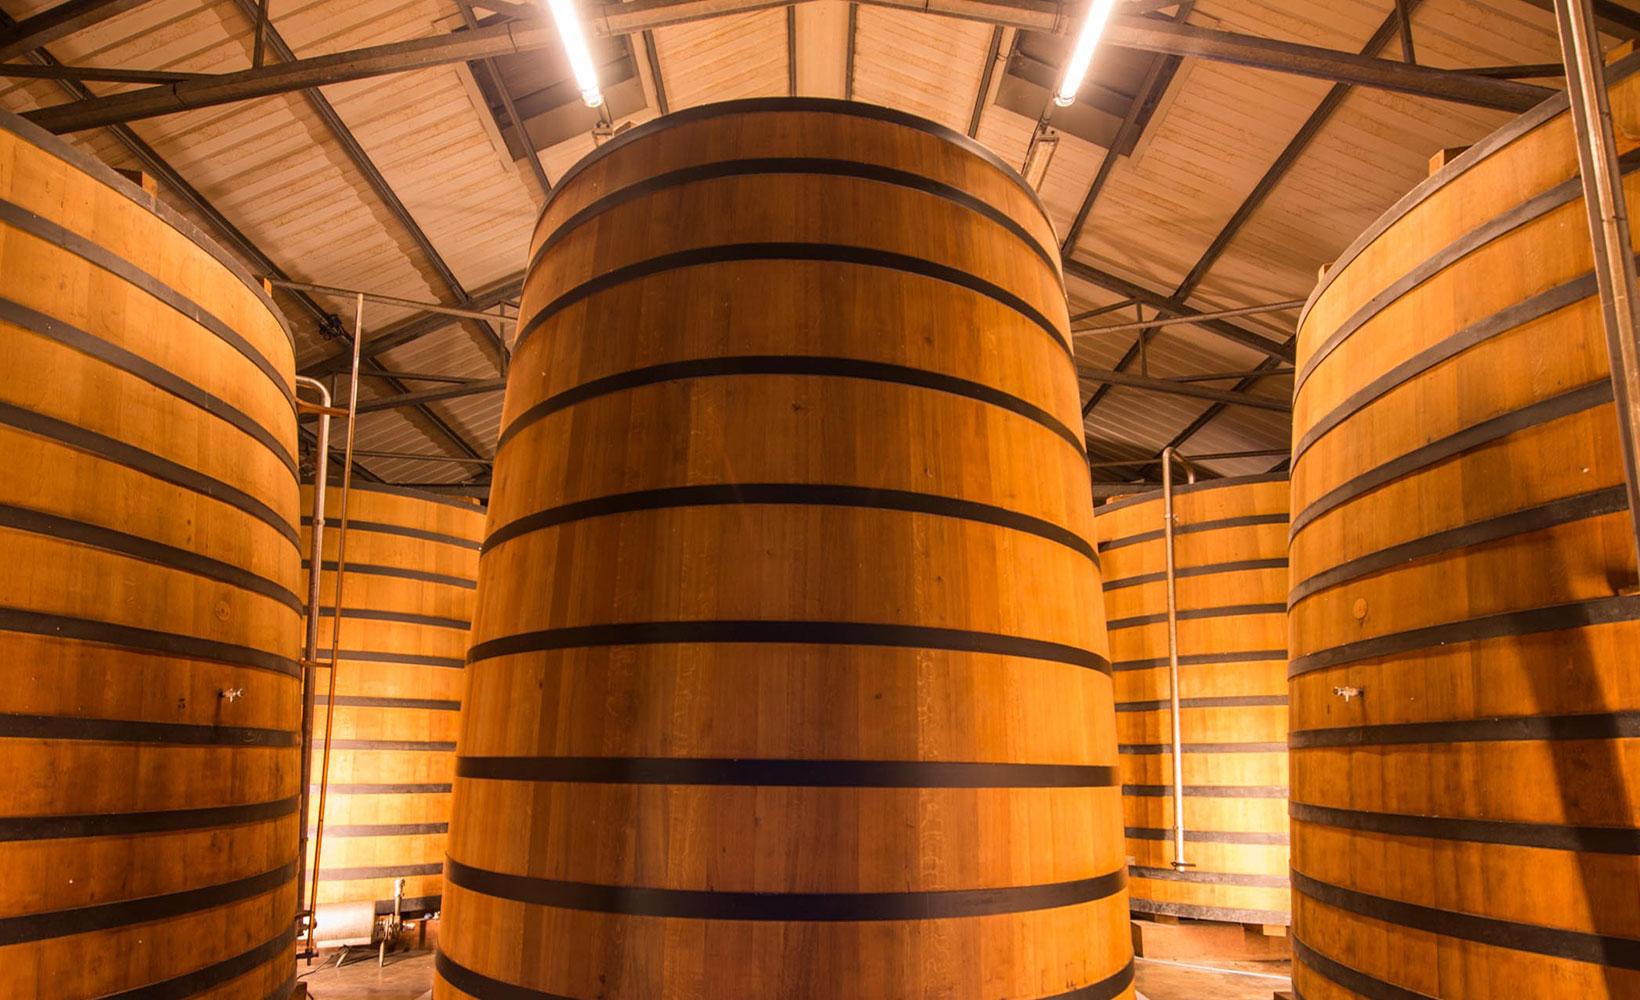 Thùng gỗ sồi lớn ngâm rượu Rhum